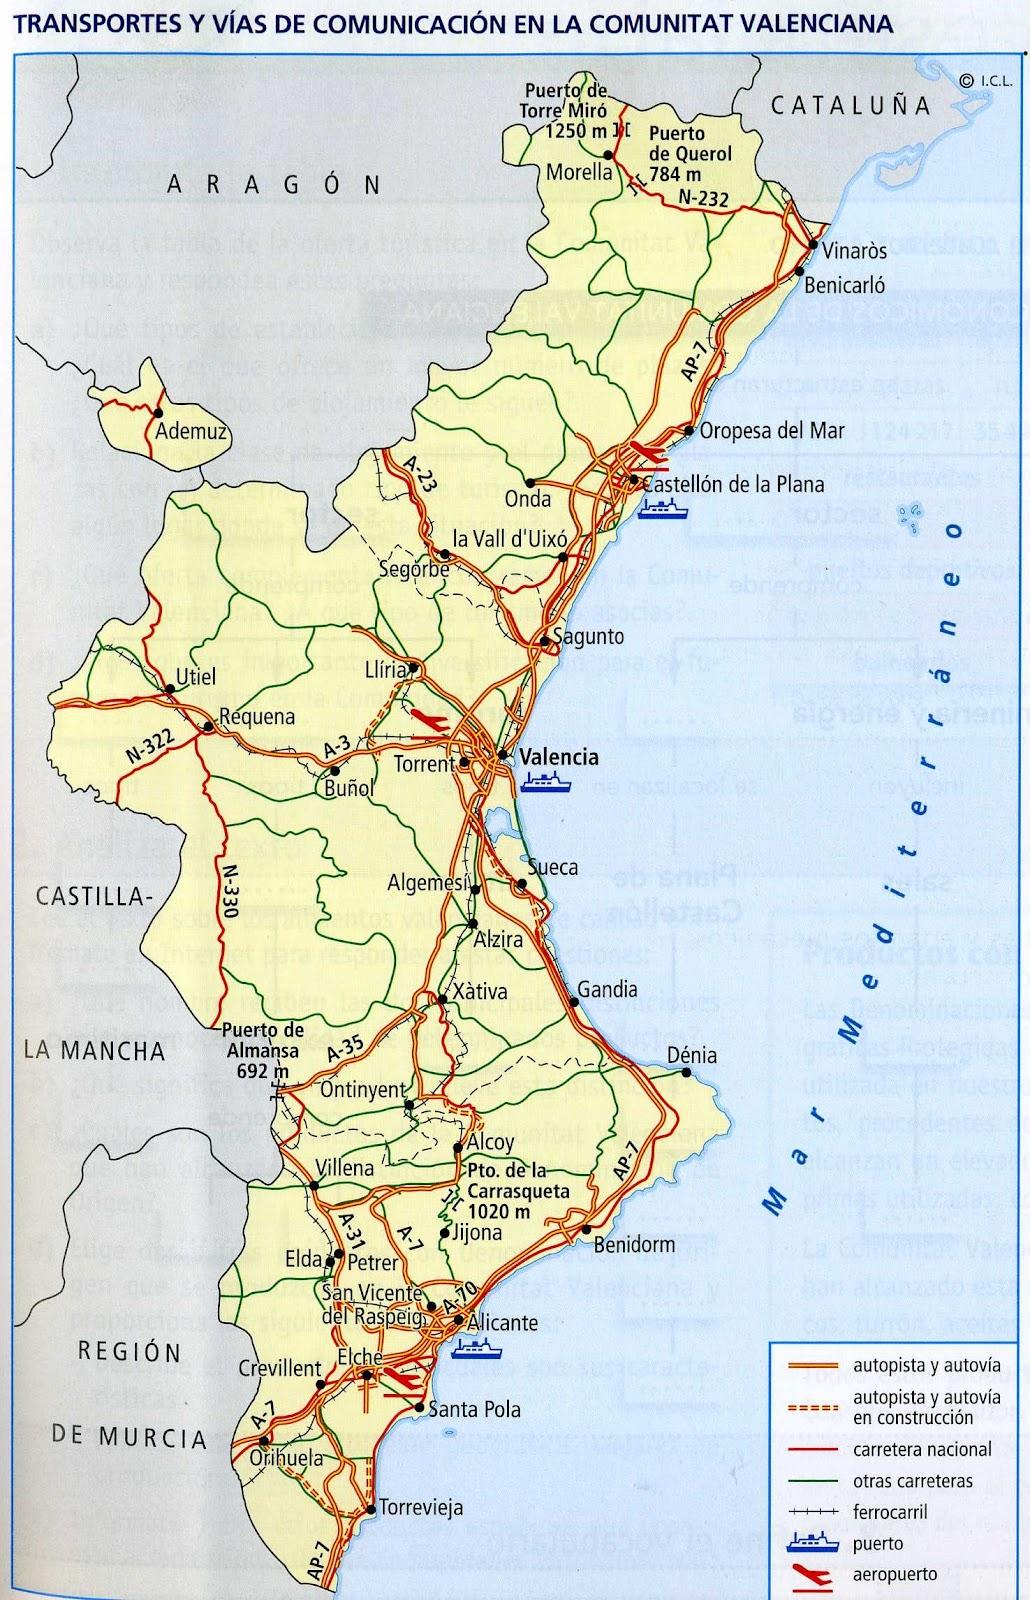 Mapa Rios Comunidad Valenciana.Mapa Mudo Rios Comunitat Valenciana